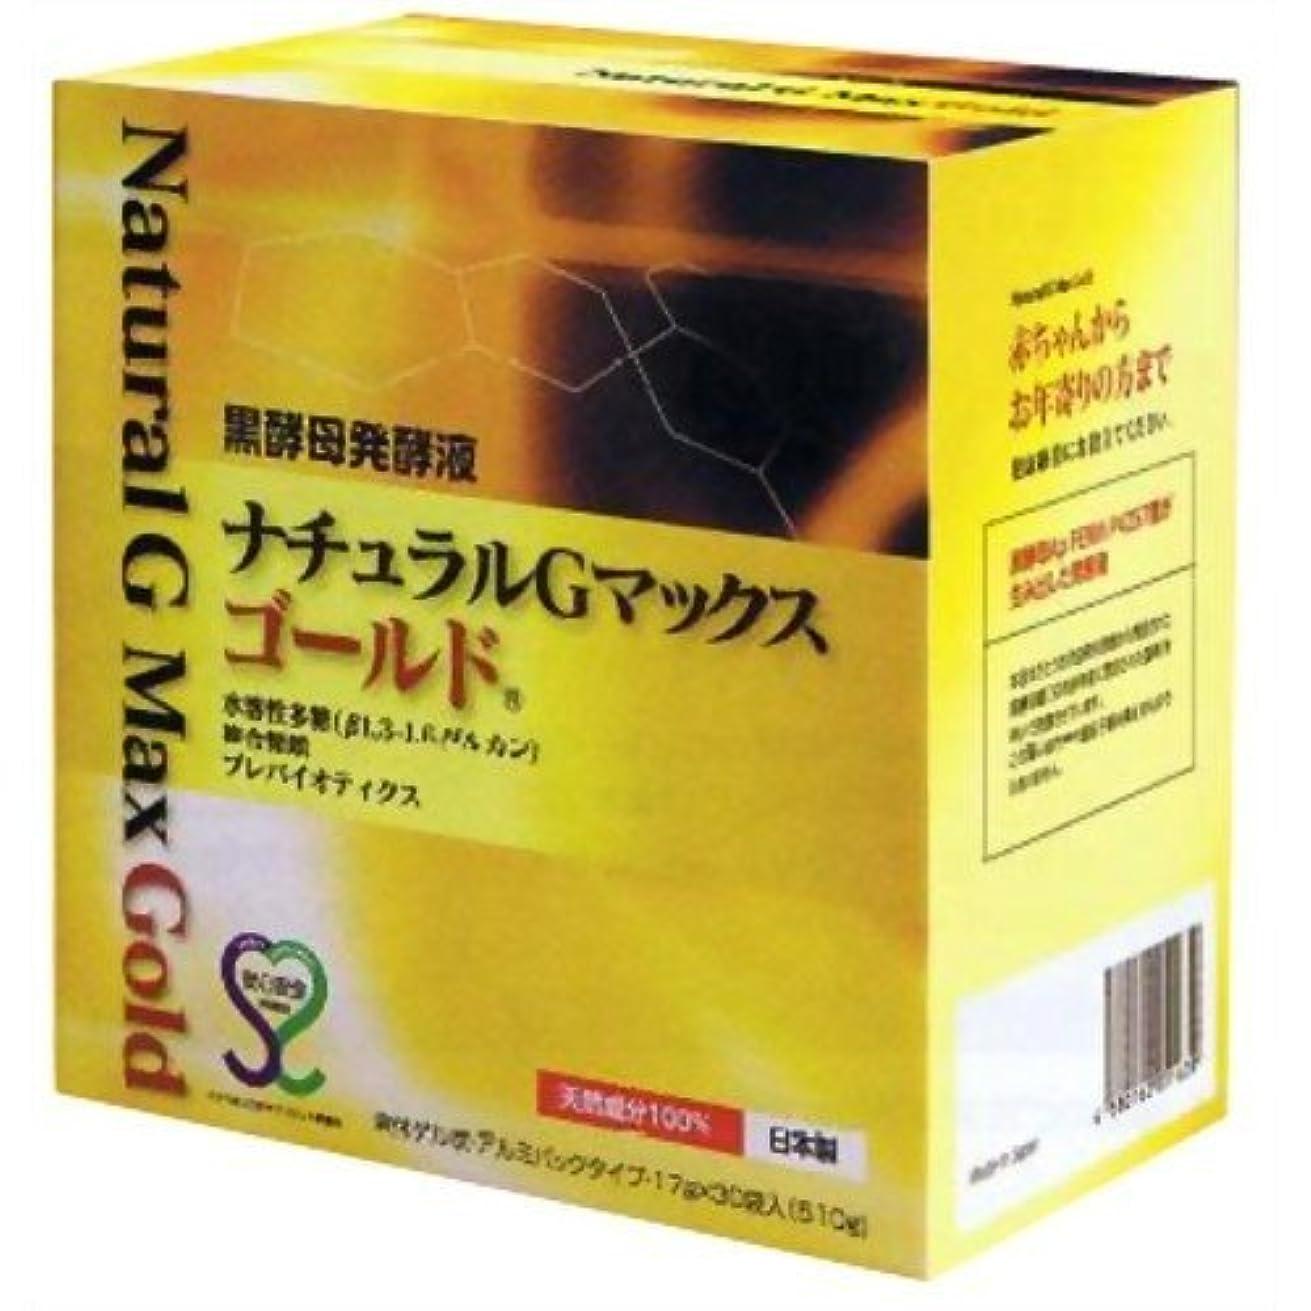 コードレスディーラー間黒酵母発酵液 ナチュラルGマックスゴールド 17g×30袋